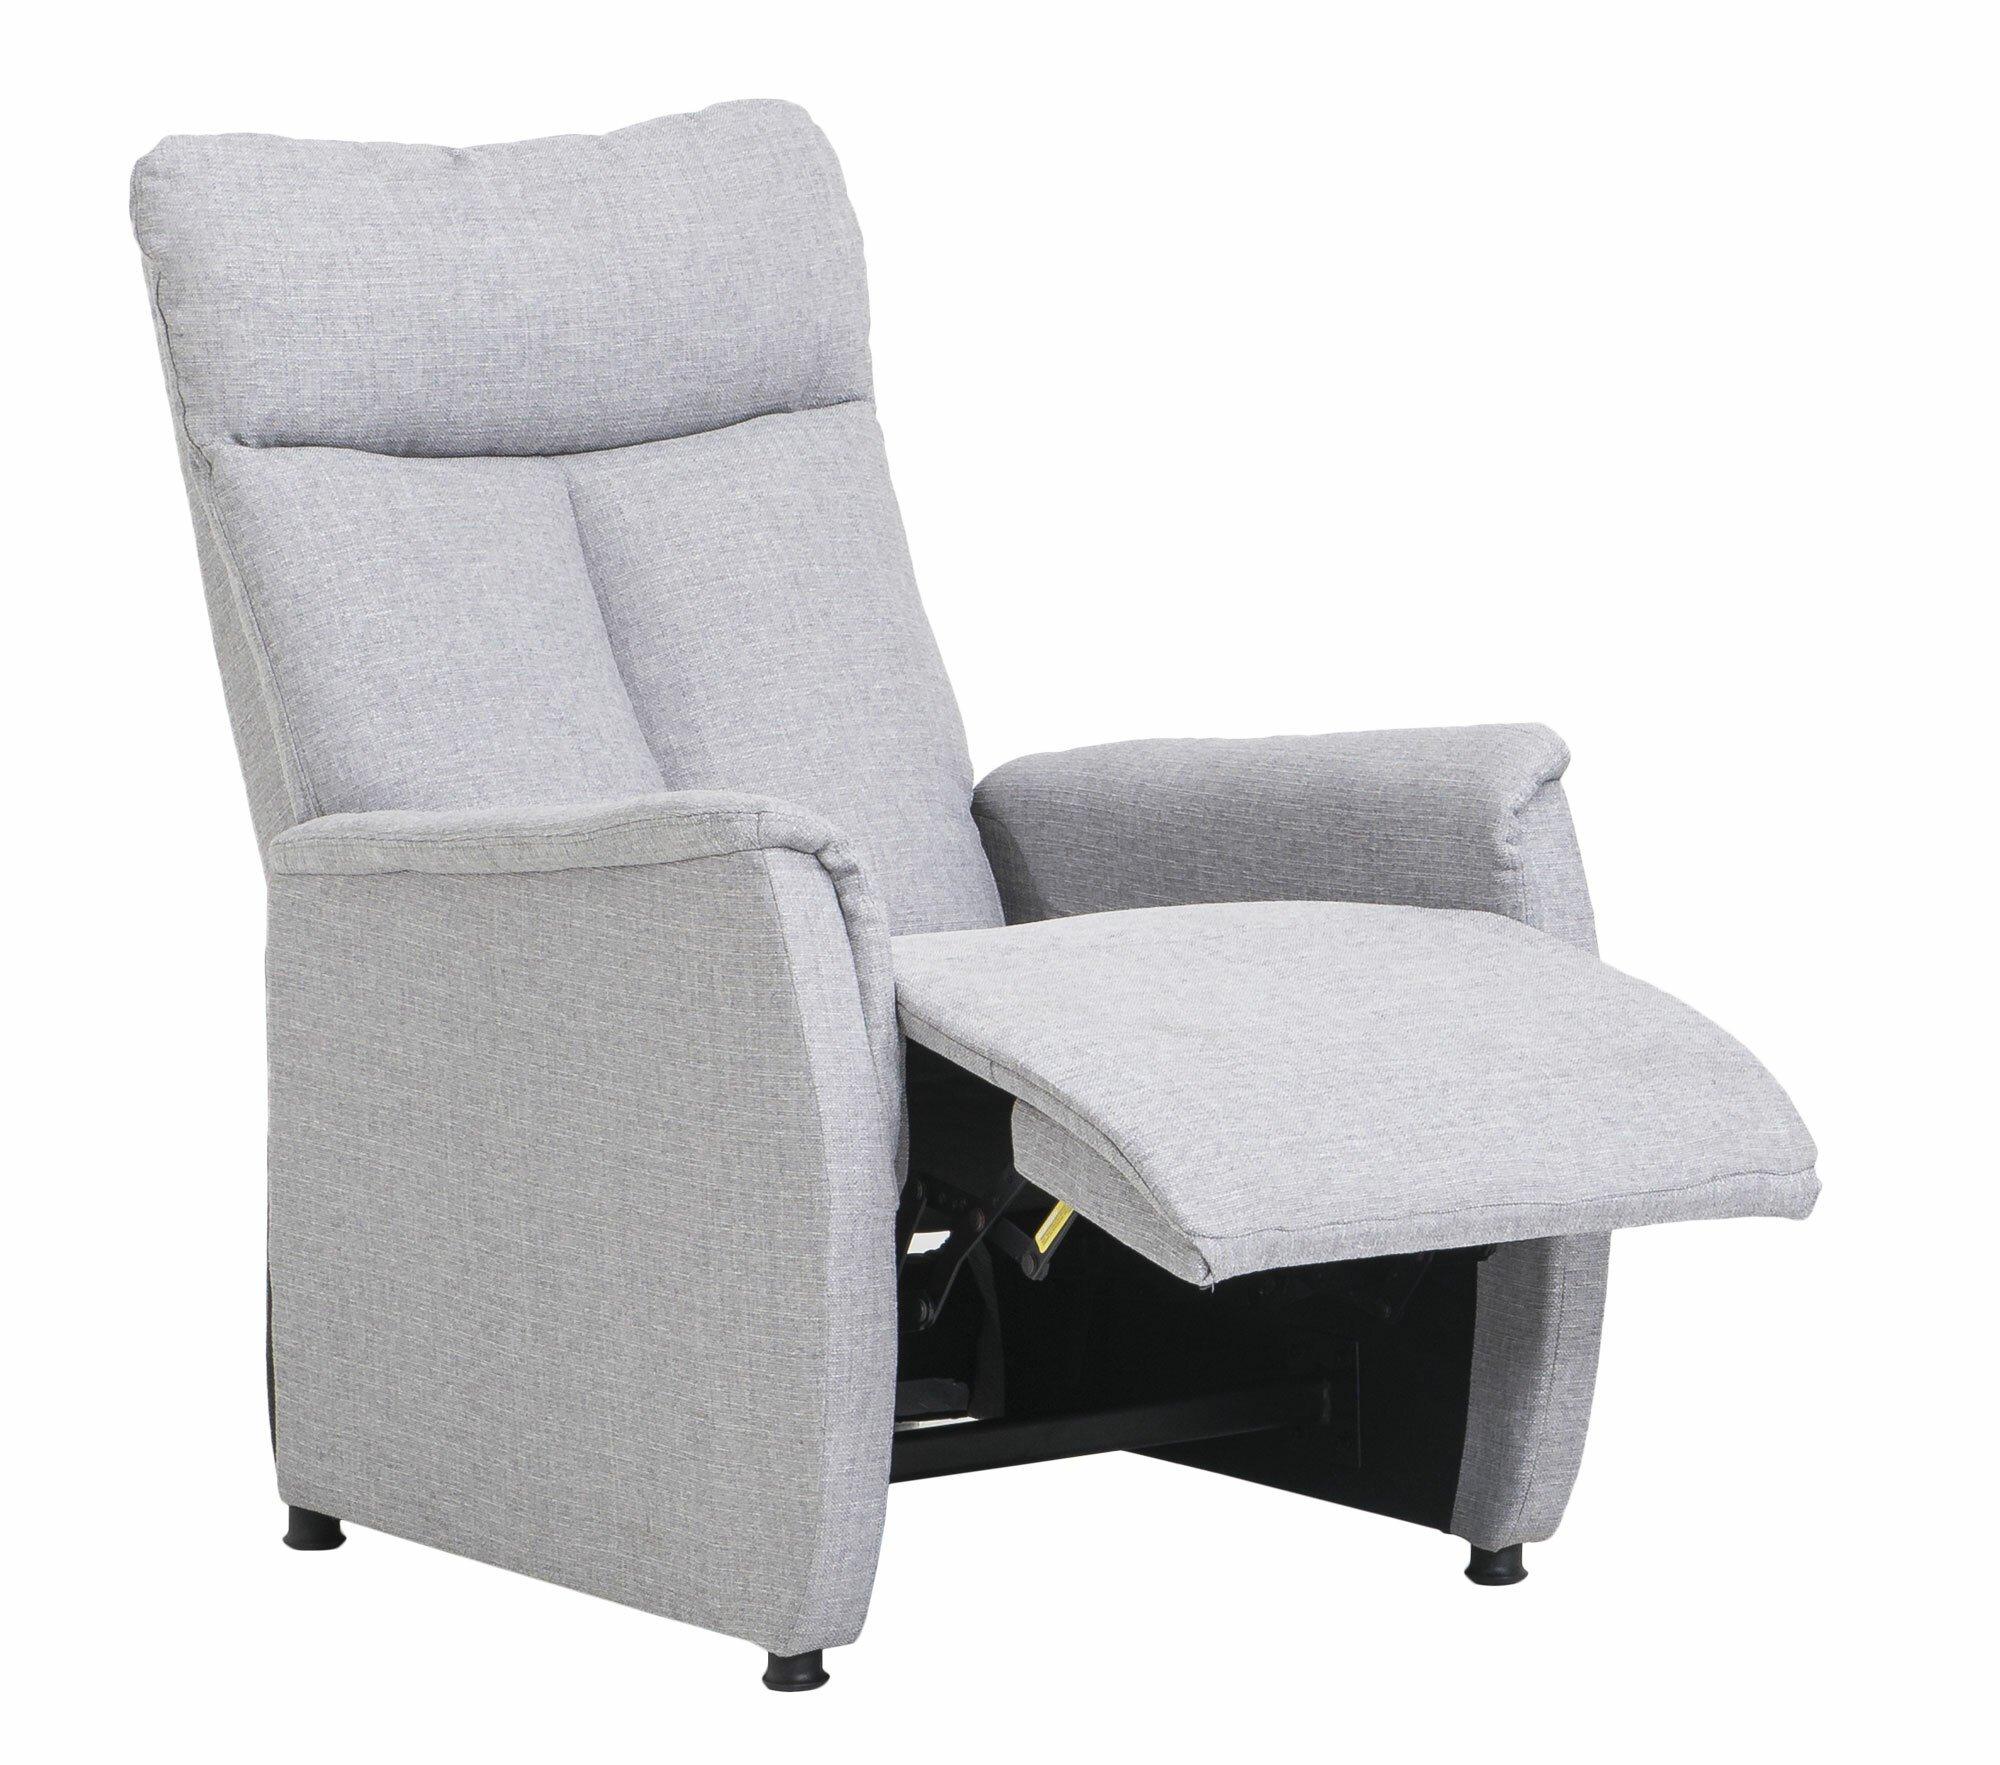 Tara recliner